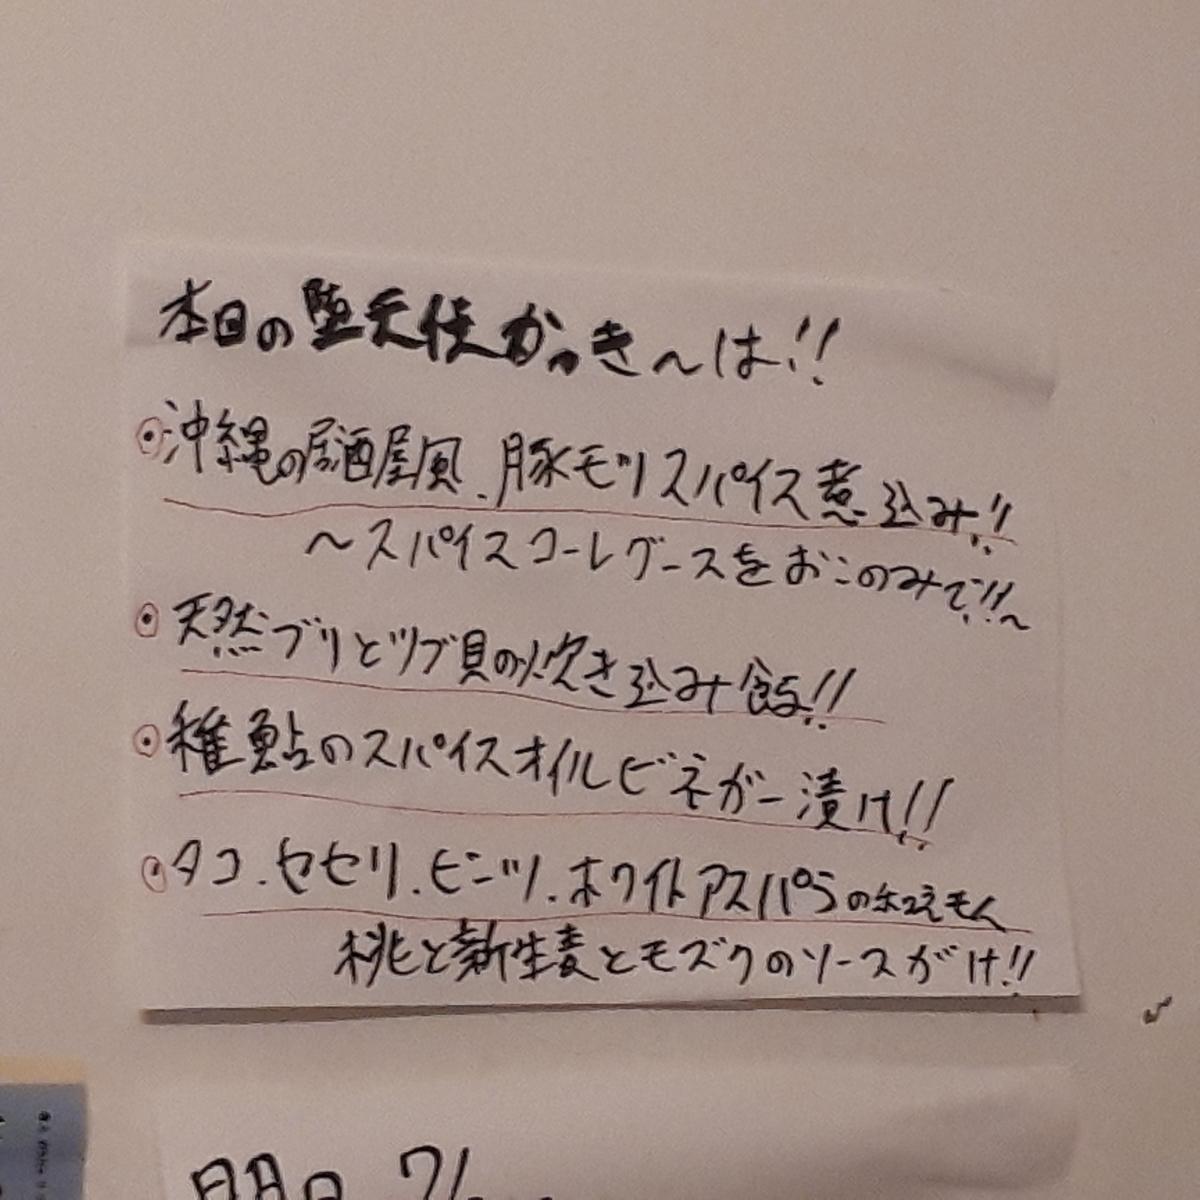 カレー事情聴取スパイス定食&バルVol.6 2019年7月20日 堕天使かっきー メニュー